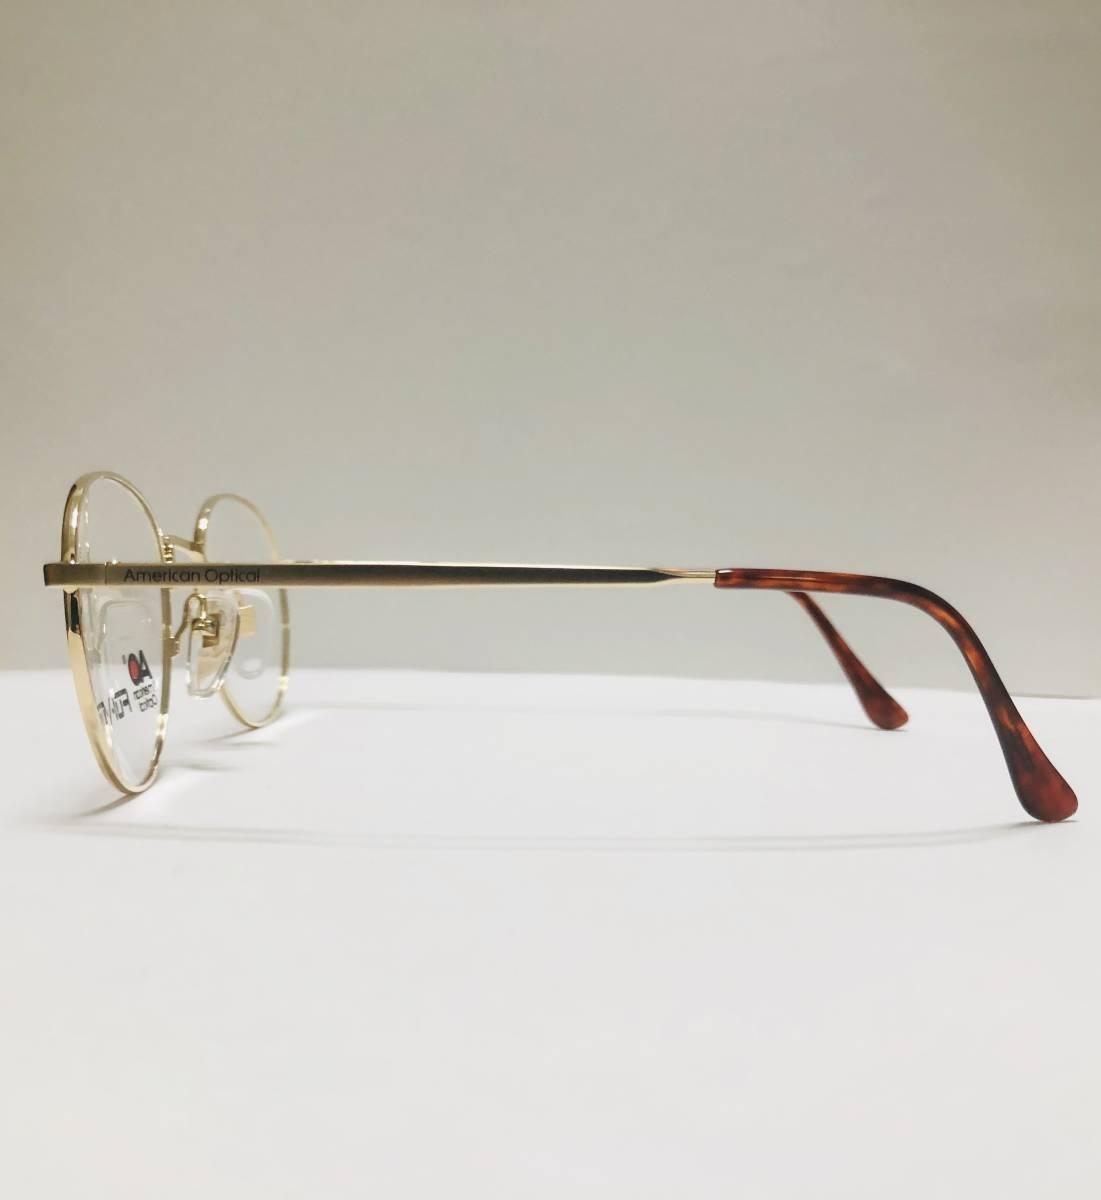 新品箱付】 20K金 アメリカンオプティカル 80年代 AO American Optical メガネ 米国ブランド_画像5